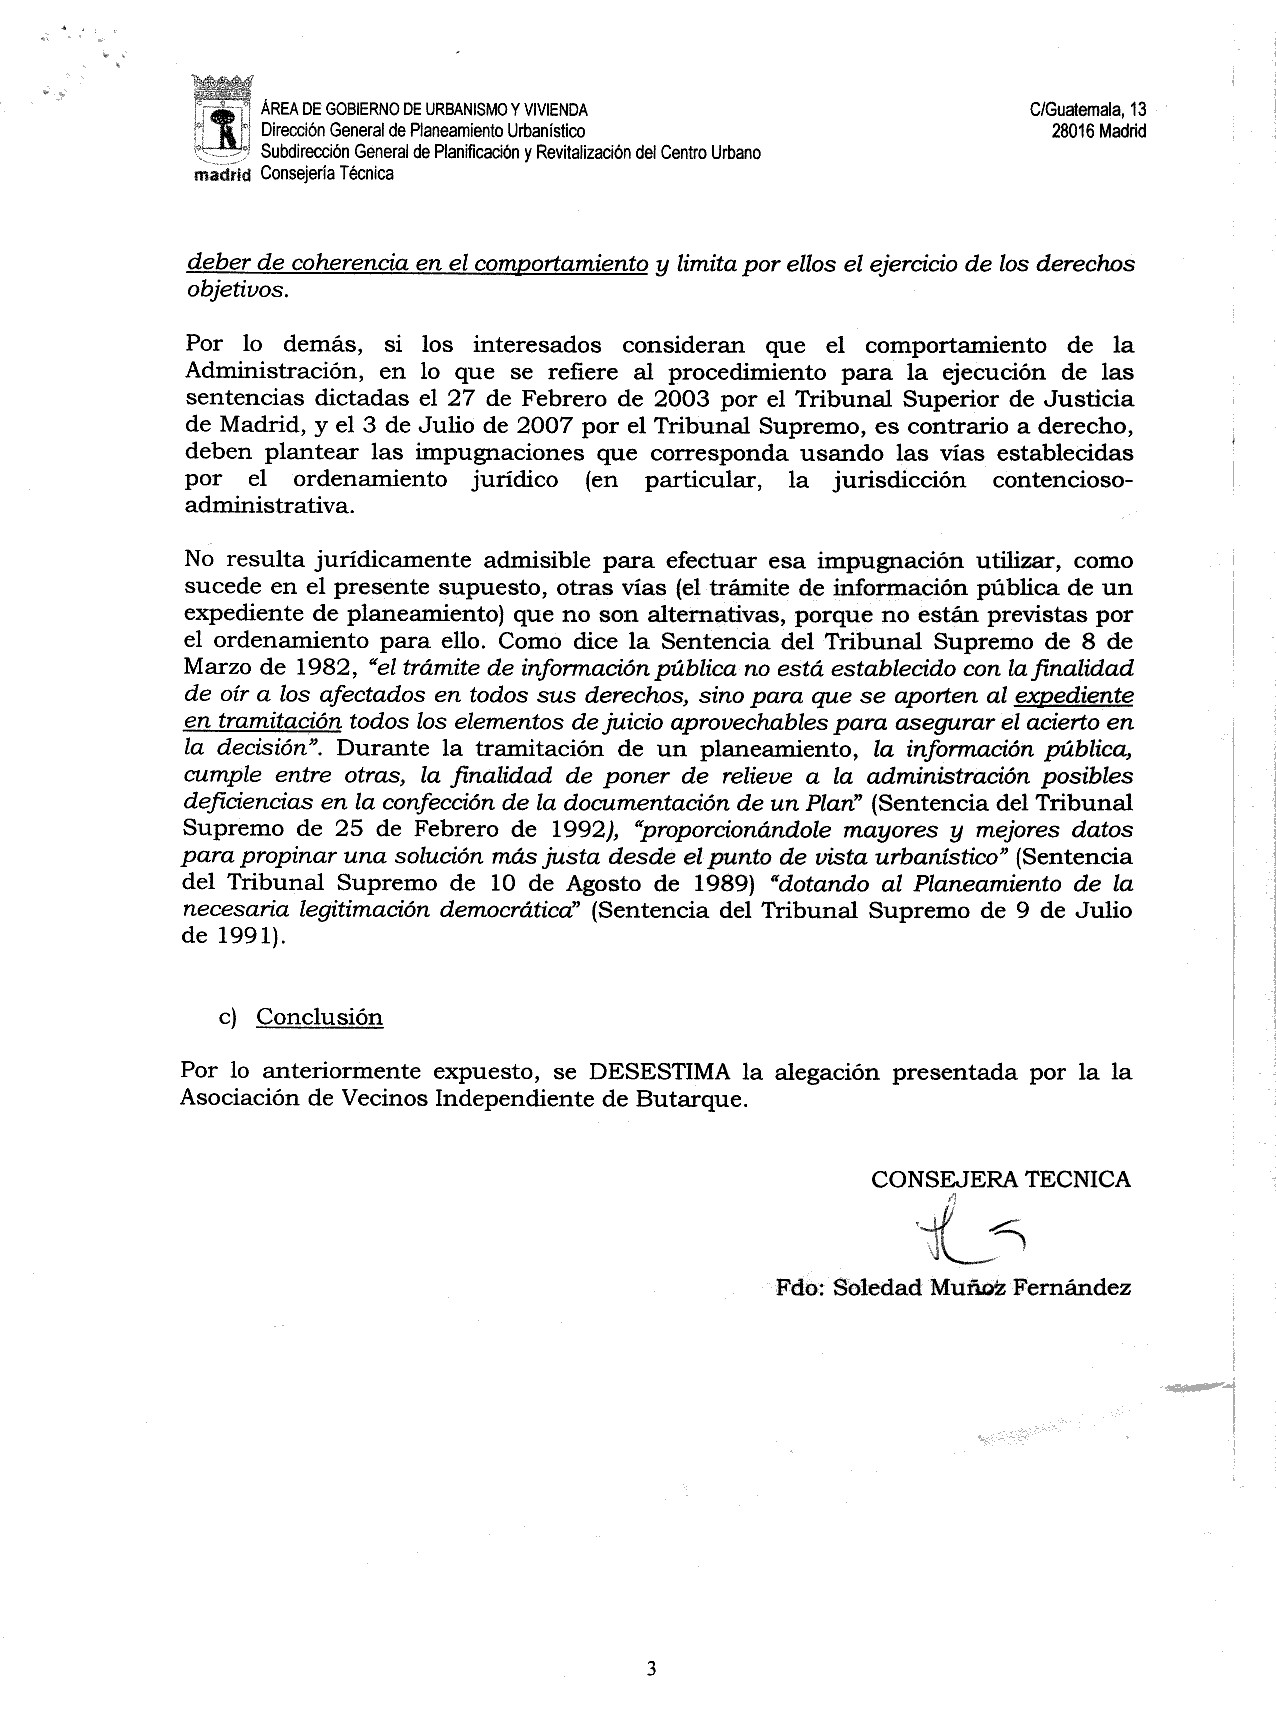 Desestimacion_alegaciones_Valdecarros-4.jpg